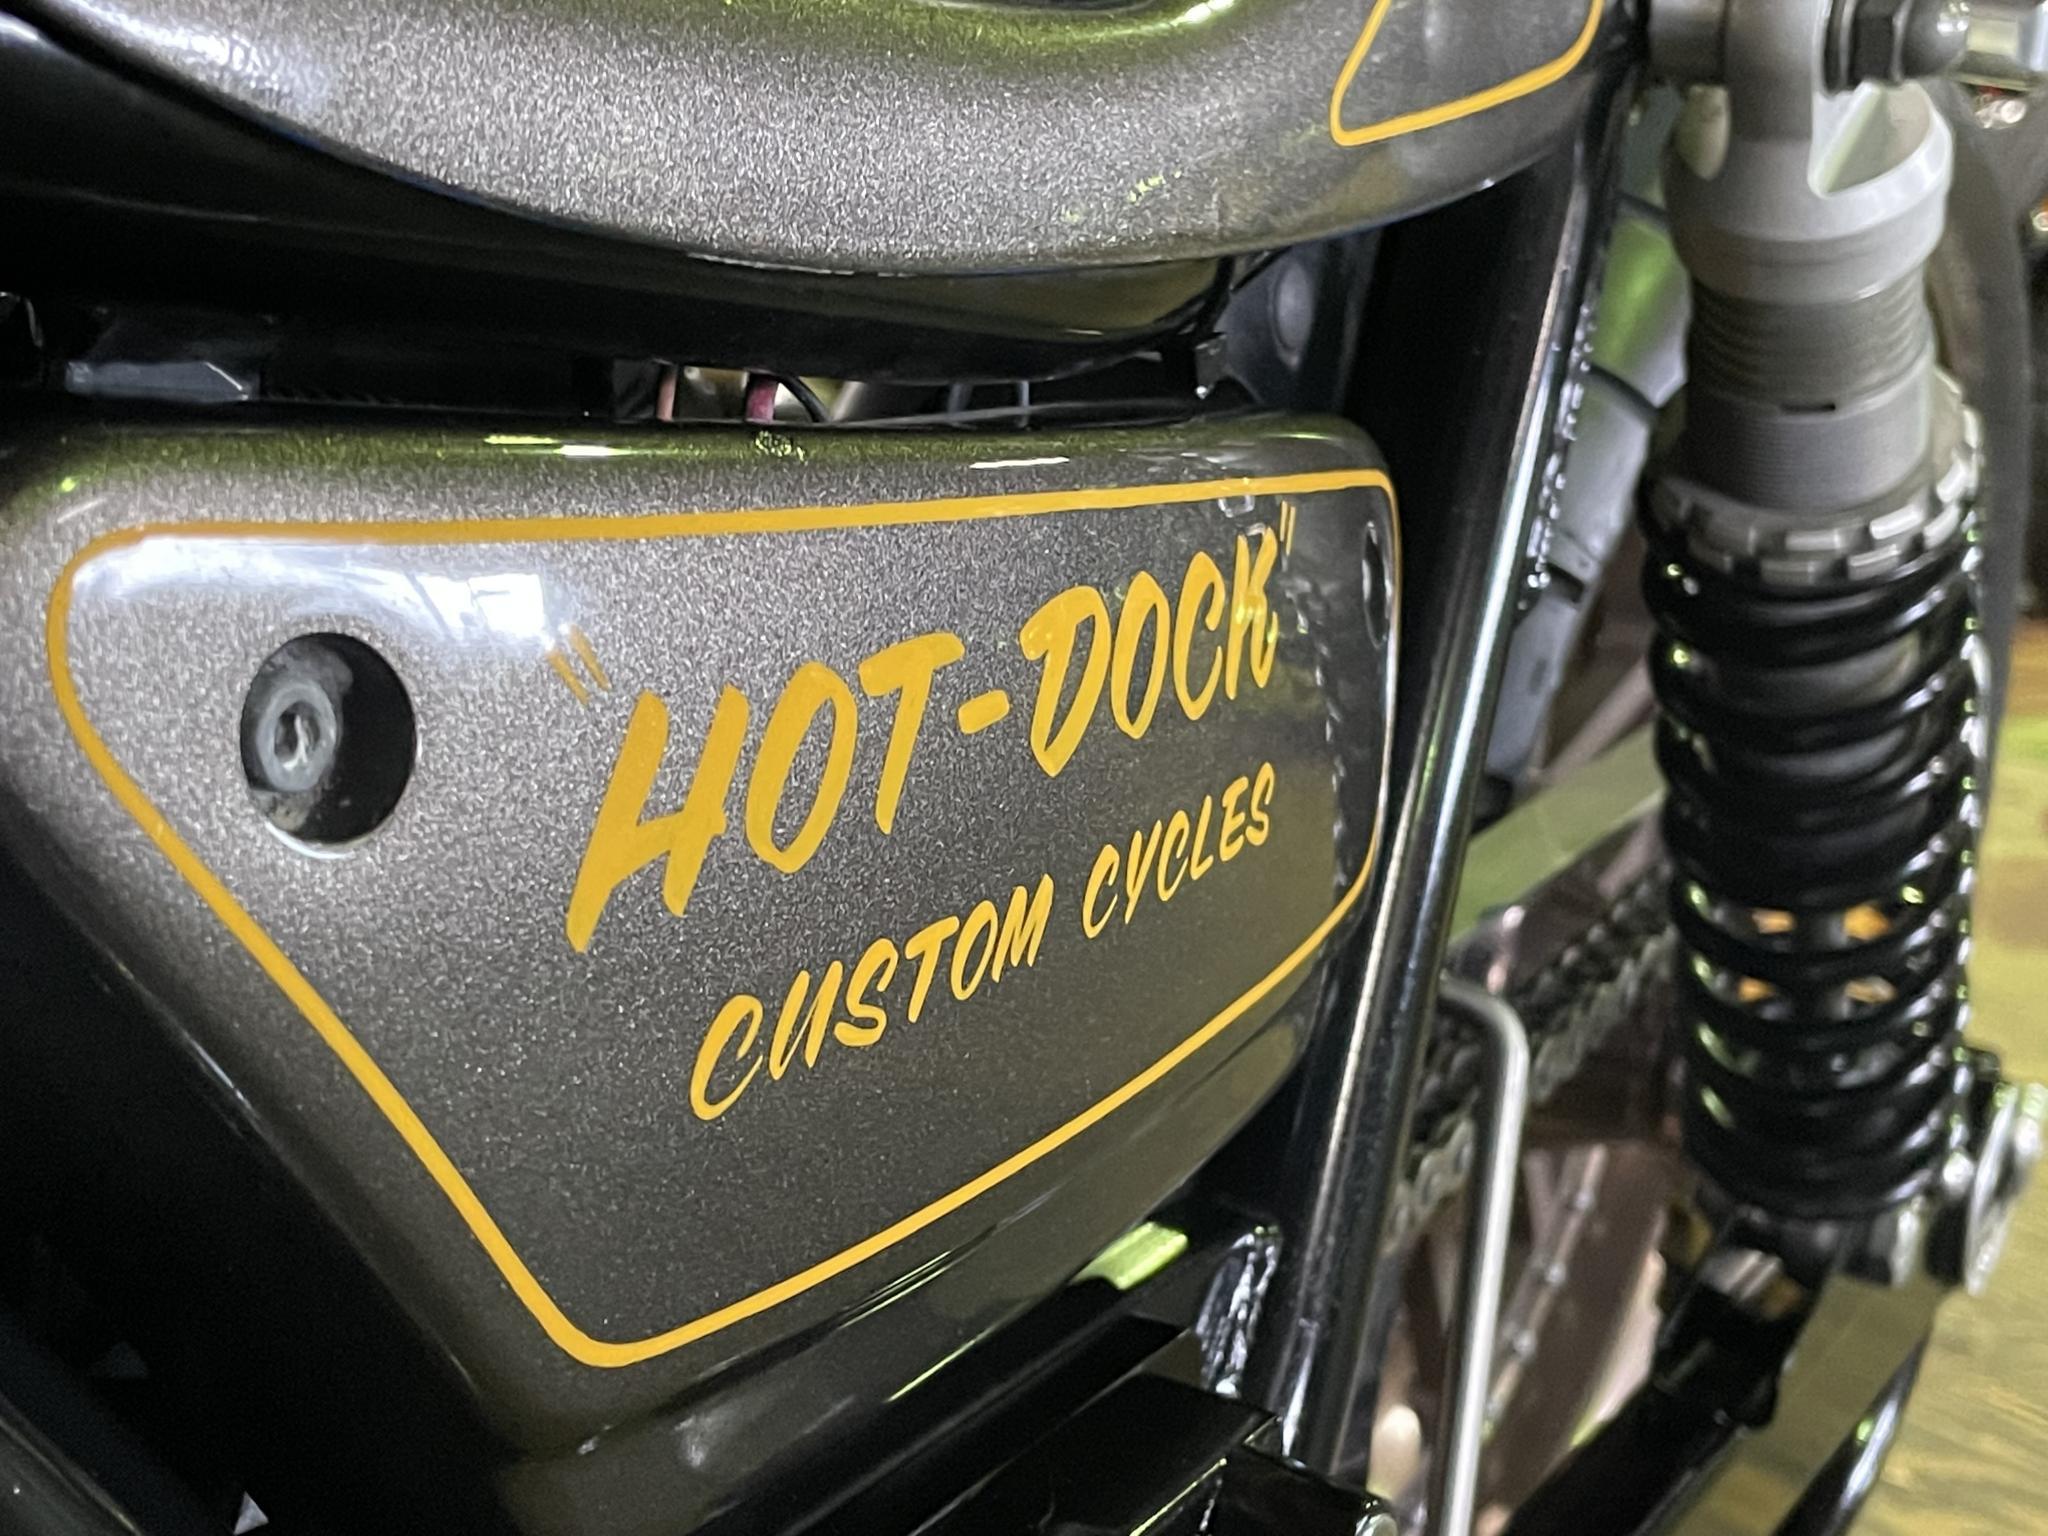 ハーレーダビッドソン 1991 FXLR Hot Dock Custom 車体写真7